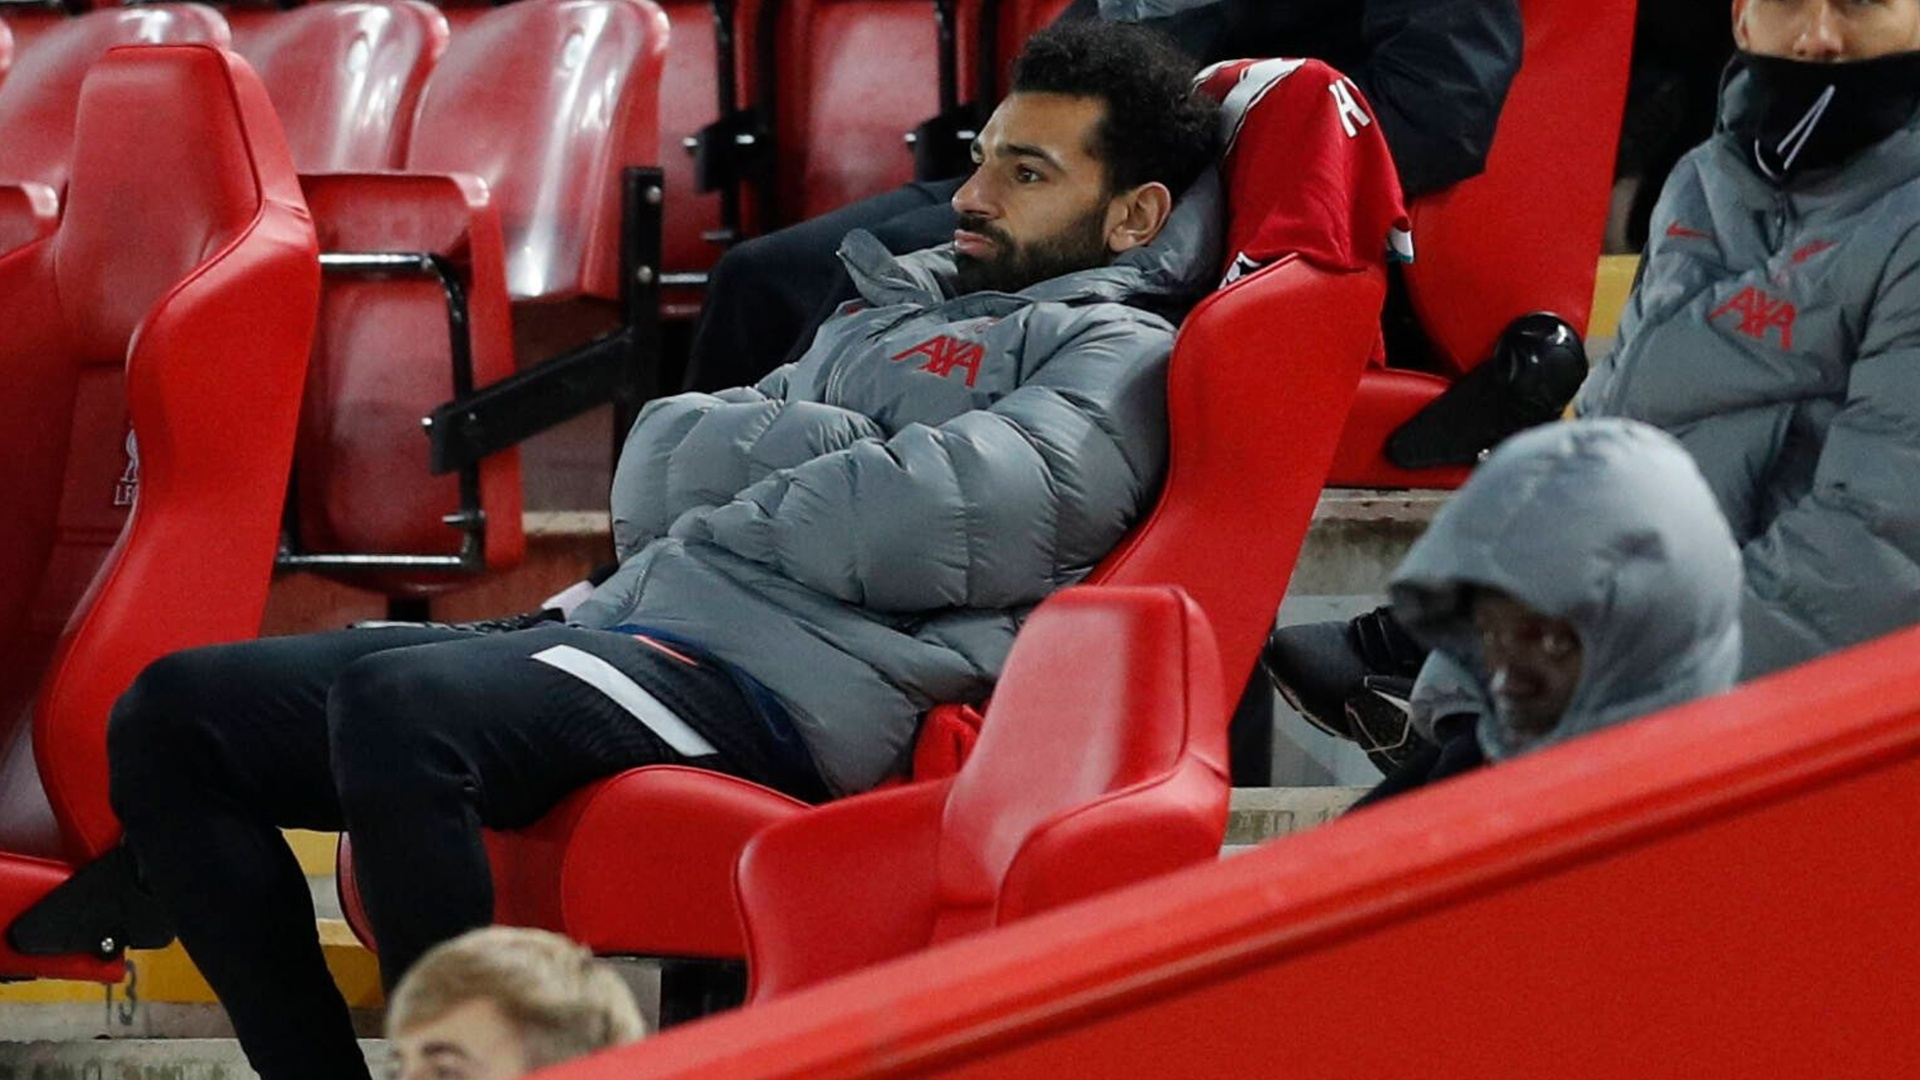 اتحاد كرة القدم المصري يرد على حملات اتهام محمد صلاح بالتهرب من منتخب بلاده (فيديو)